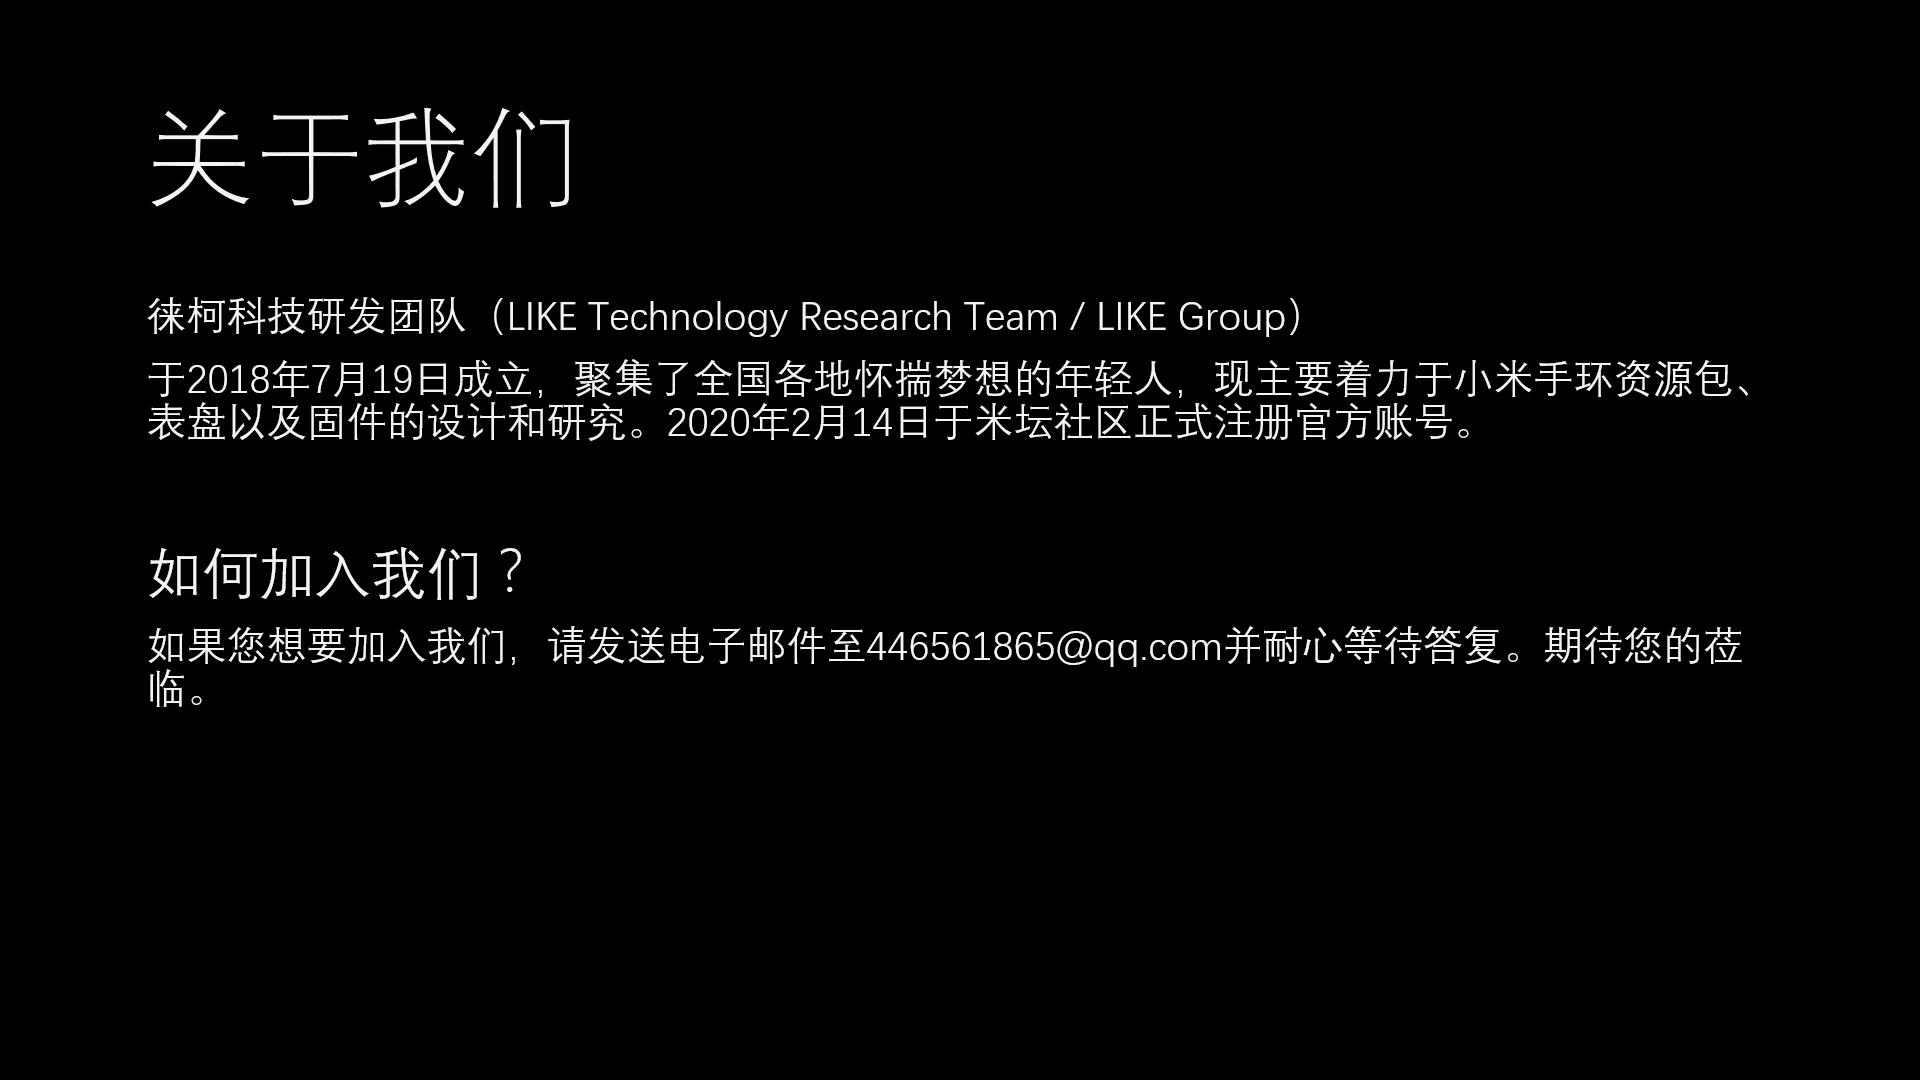 BN[7ZQ]YP%F77_M(P7[AL28.png